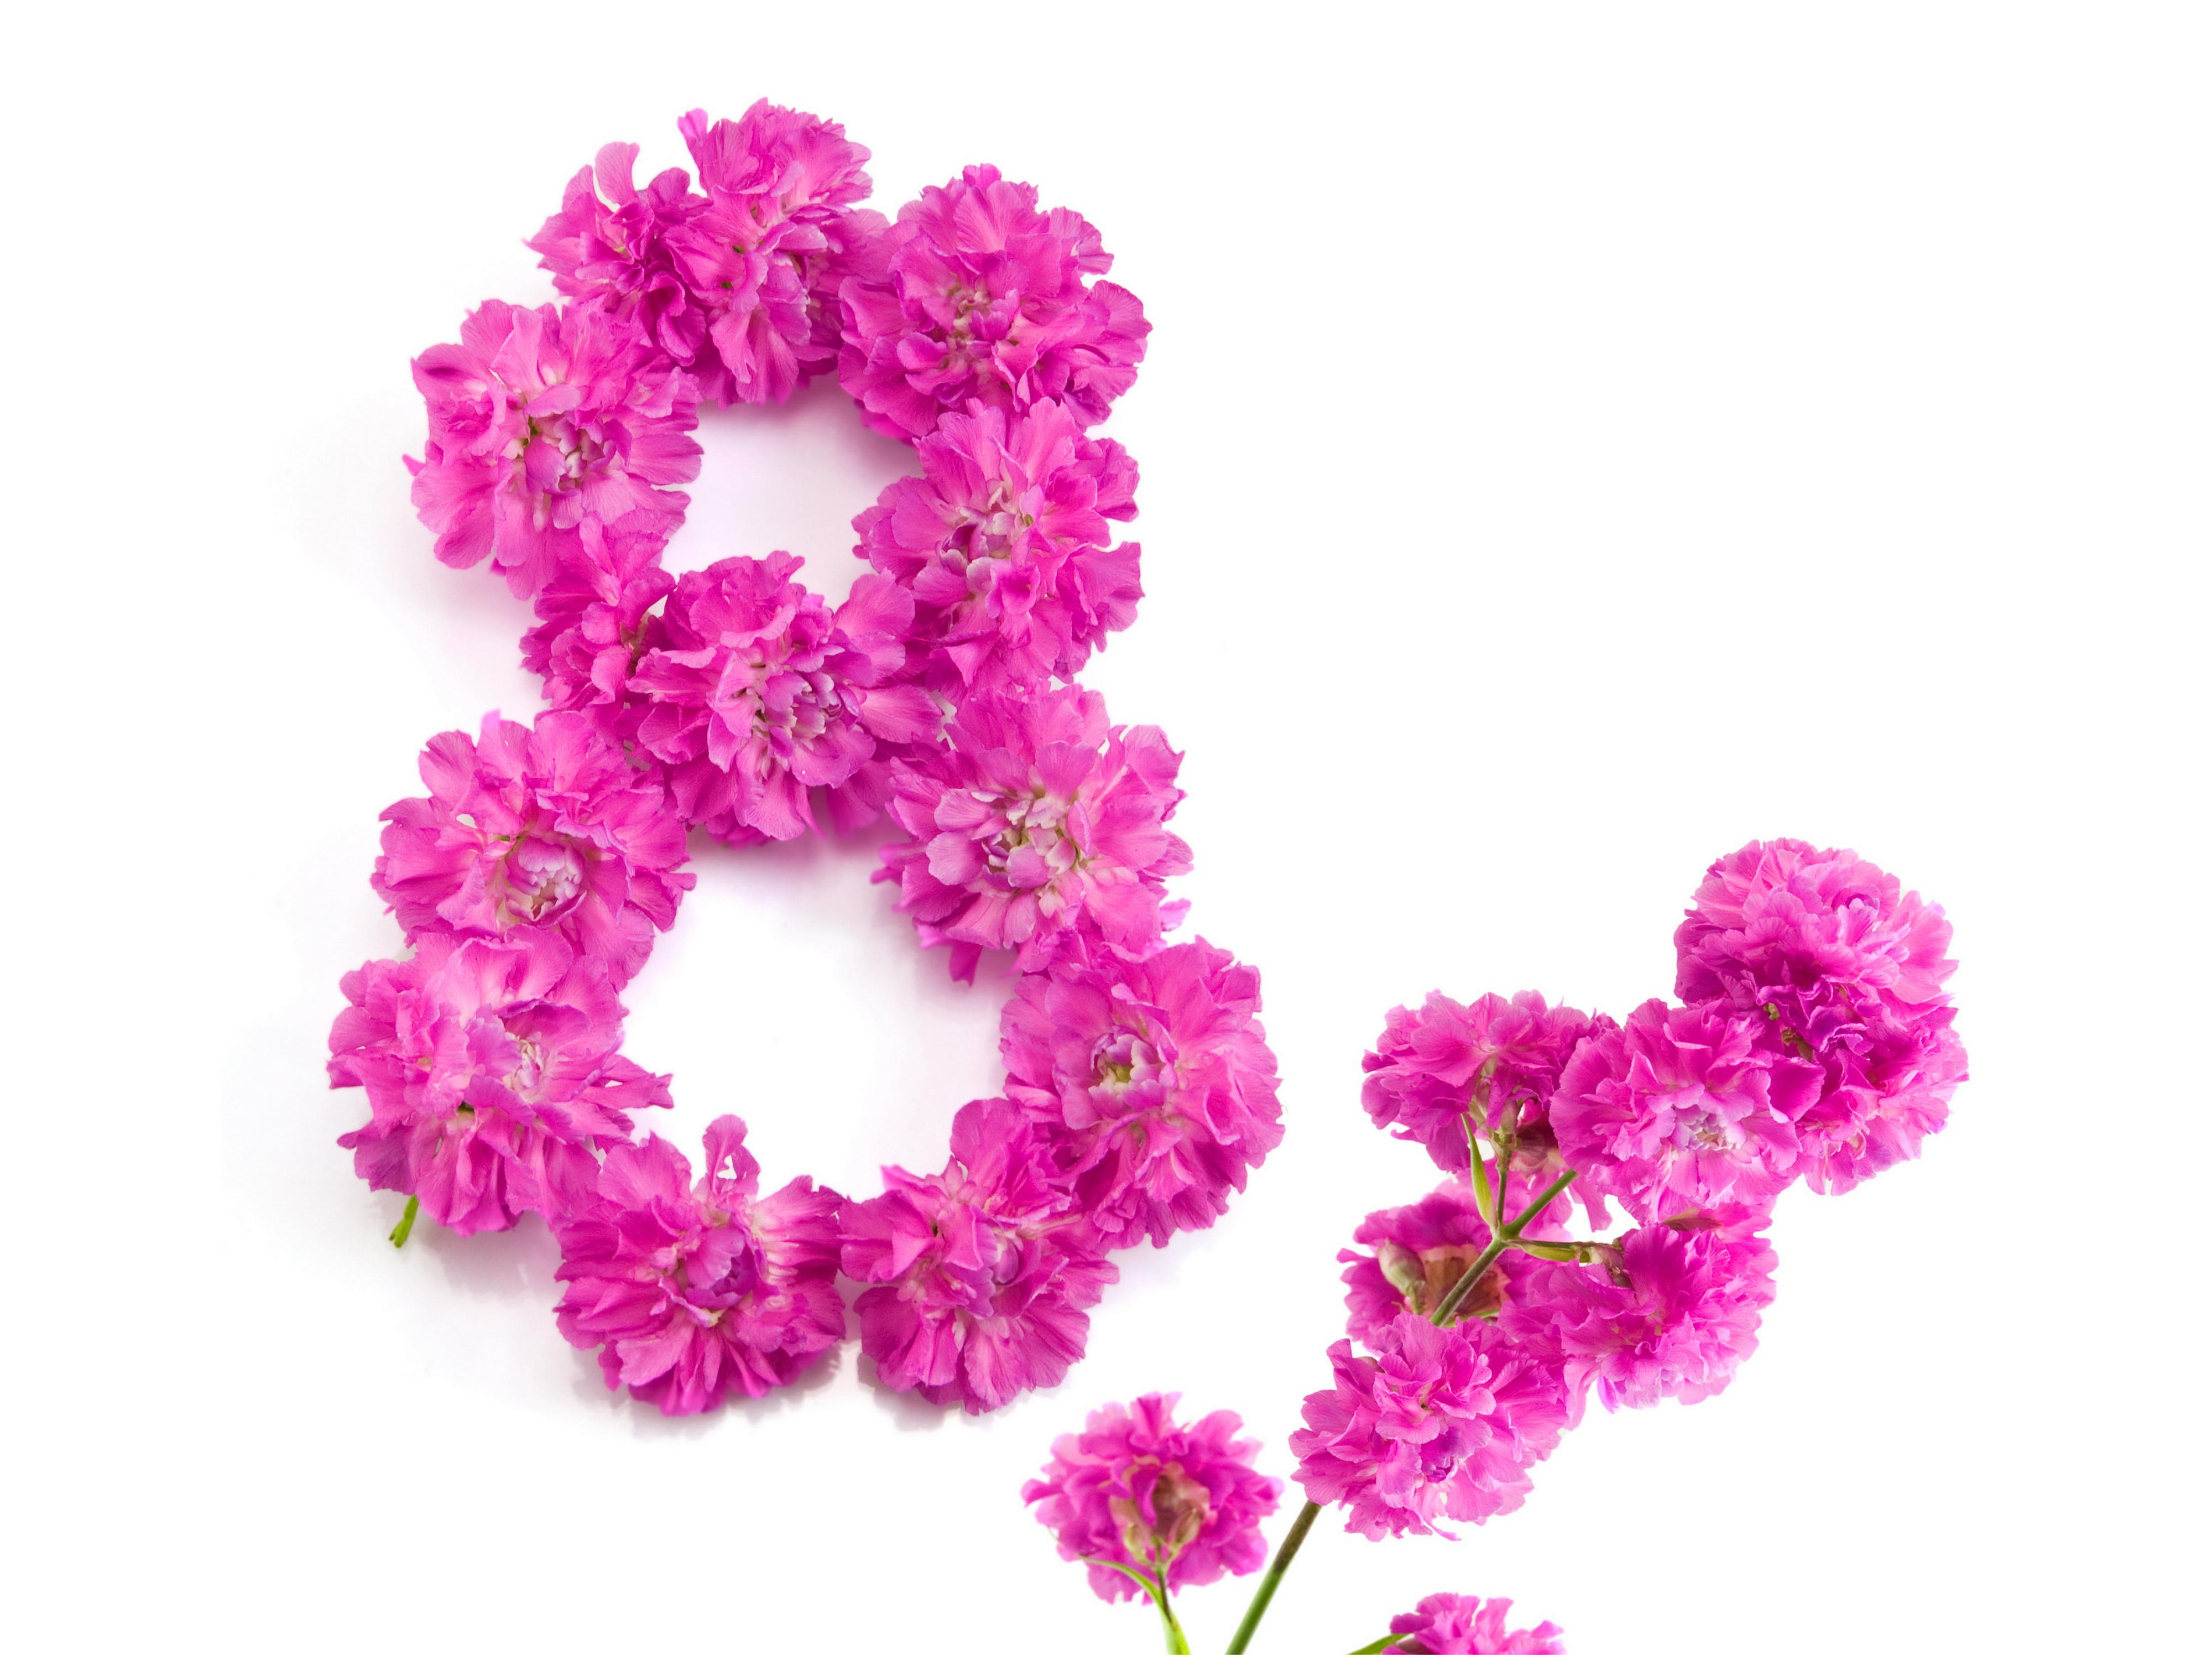 джин восьмерка из цветов картинки красивые назвать